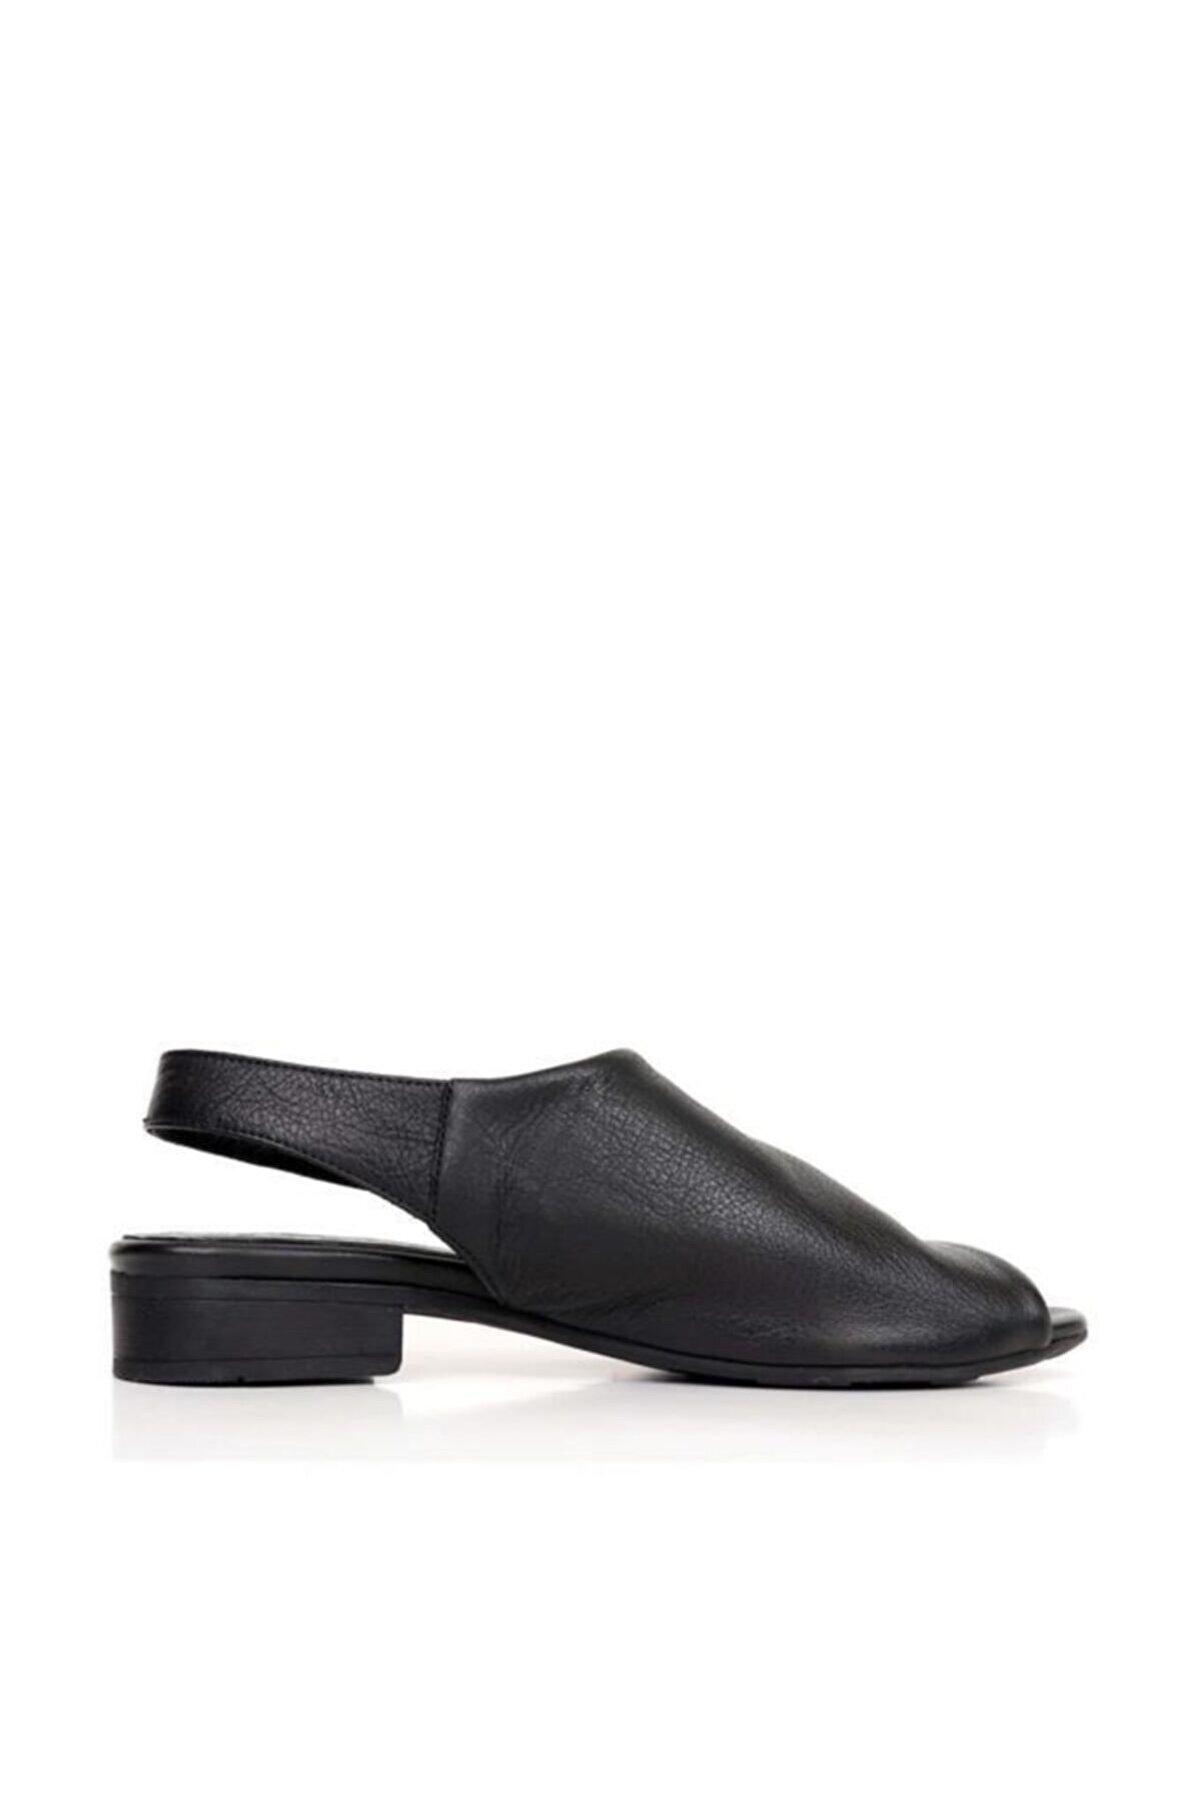 BUENO Shoes Kemerli Hakiki Deri Kadın Düz Sandalet 9n5119